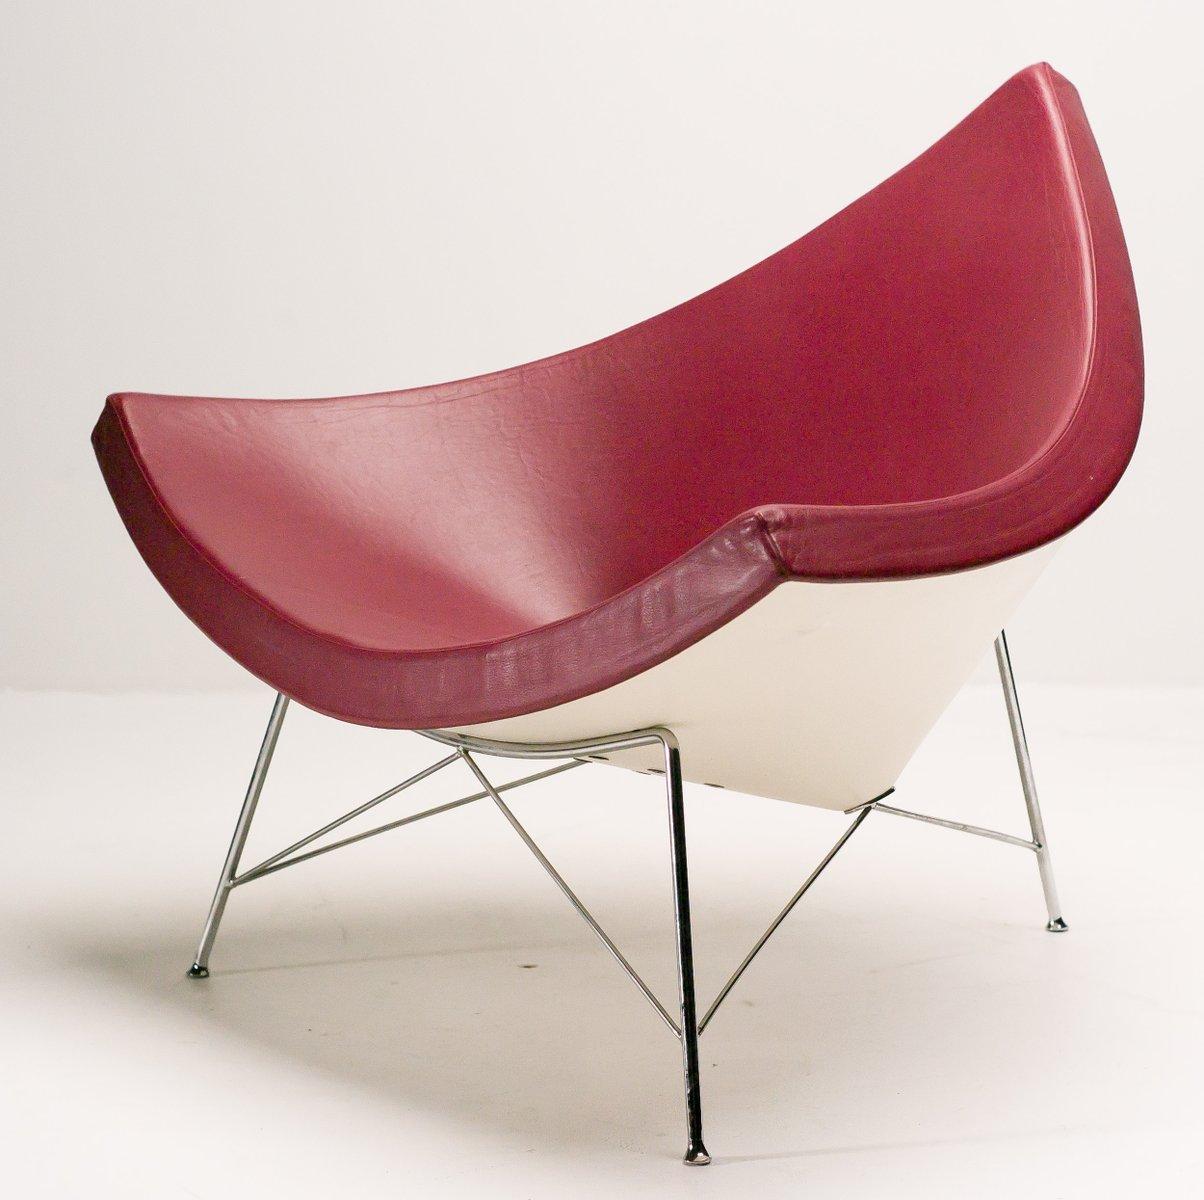 amerikanischer ochsenblutroter coconut stuhl von george nelson f r vitra 1980er bei pamono kaufen. Black Bedroom Furniture Sets. Home Design Ideas